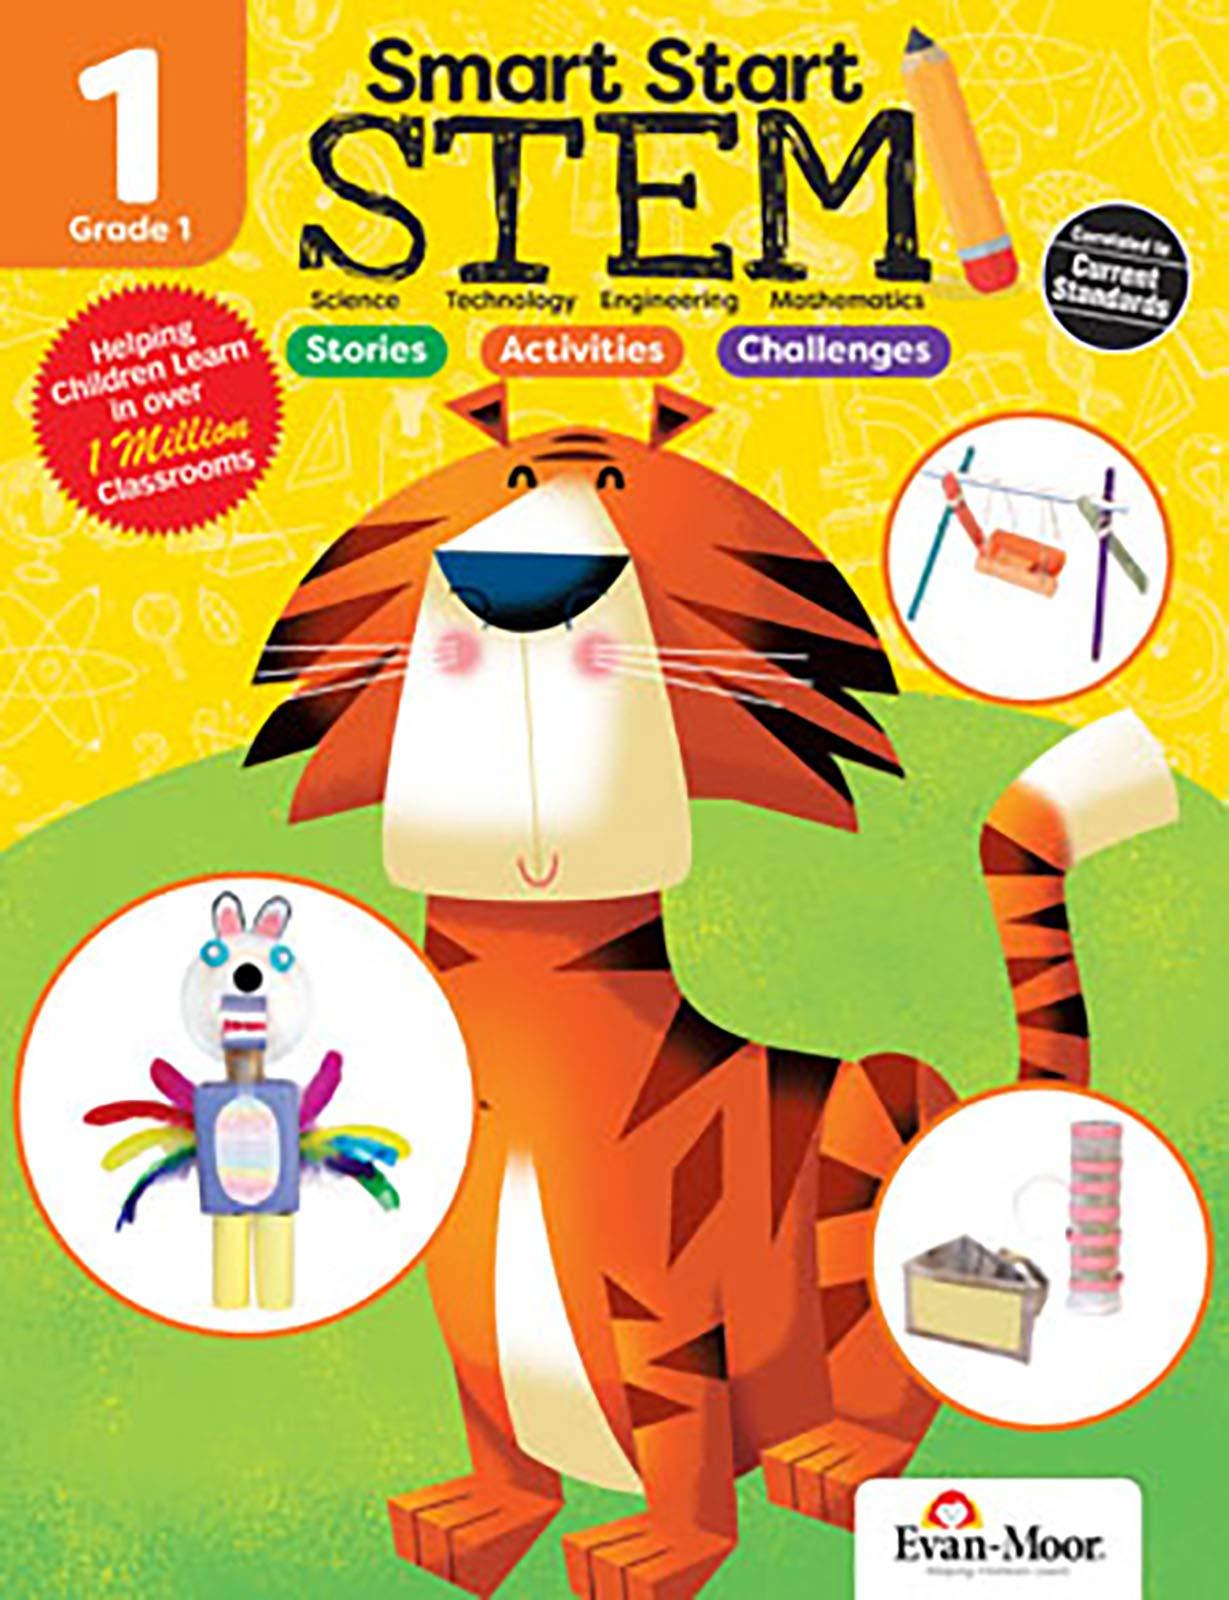 Evan-Moor Smart Start STEM Grade 1 Activity Book Hands-on